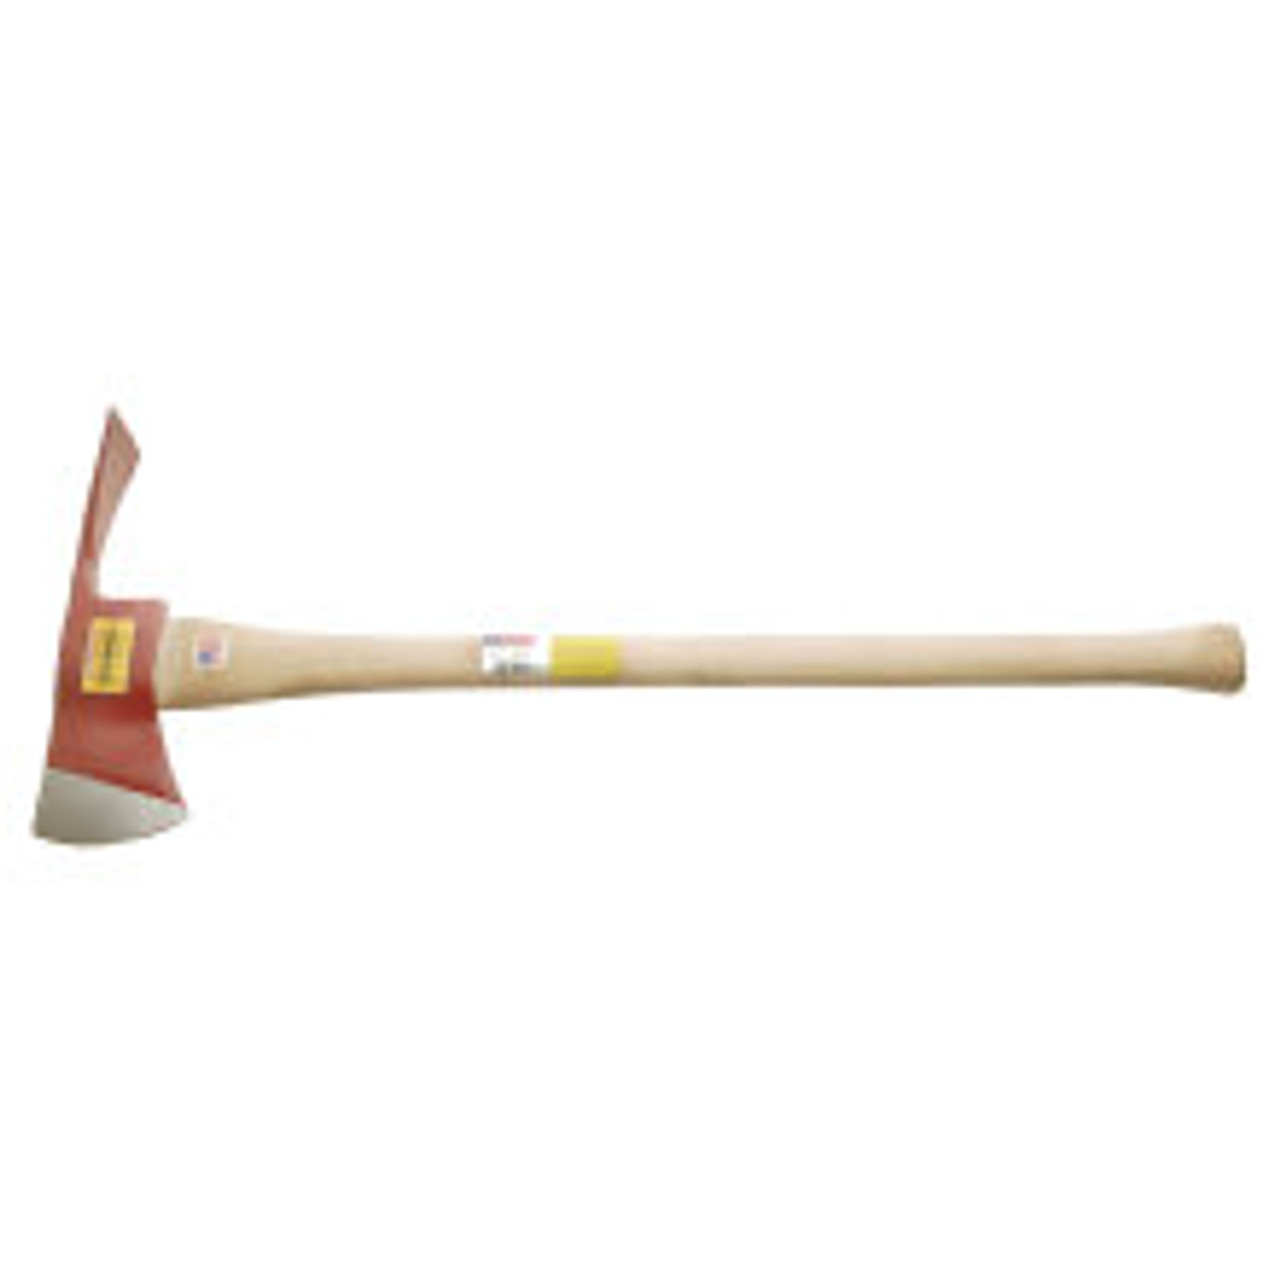 """Council Pulaski Axe 3.75 lb., 36"""" hickory handle."""